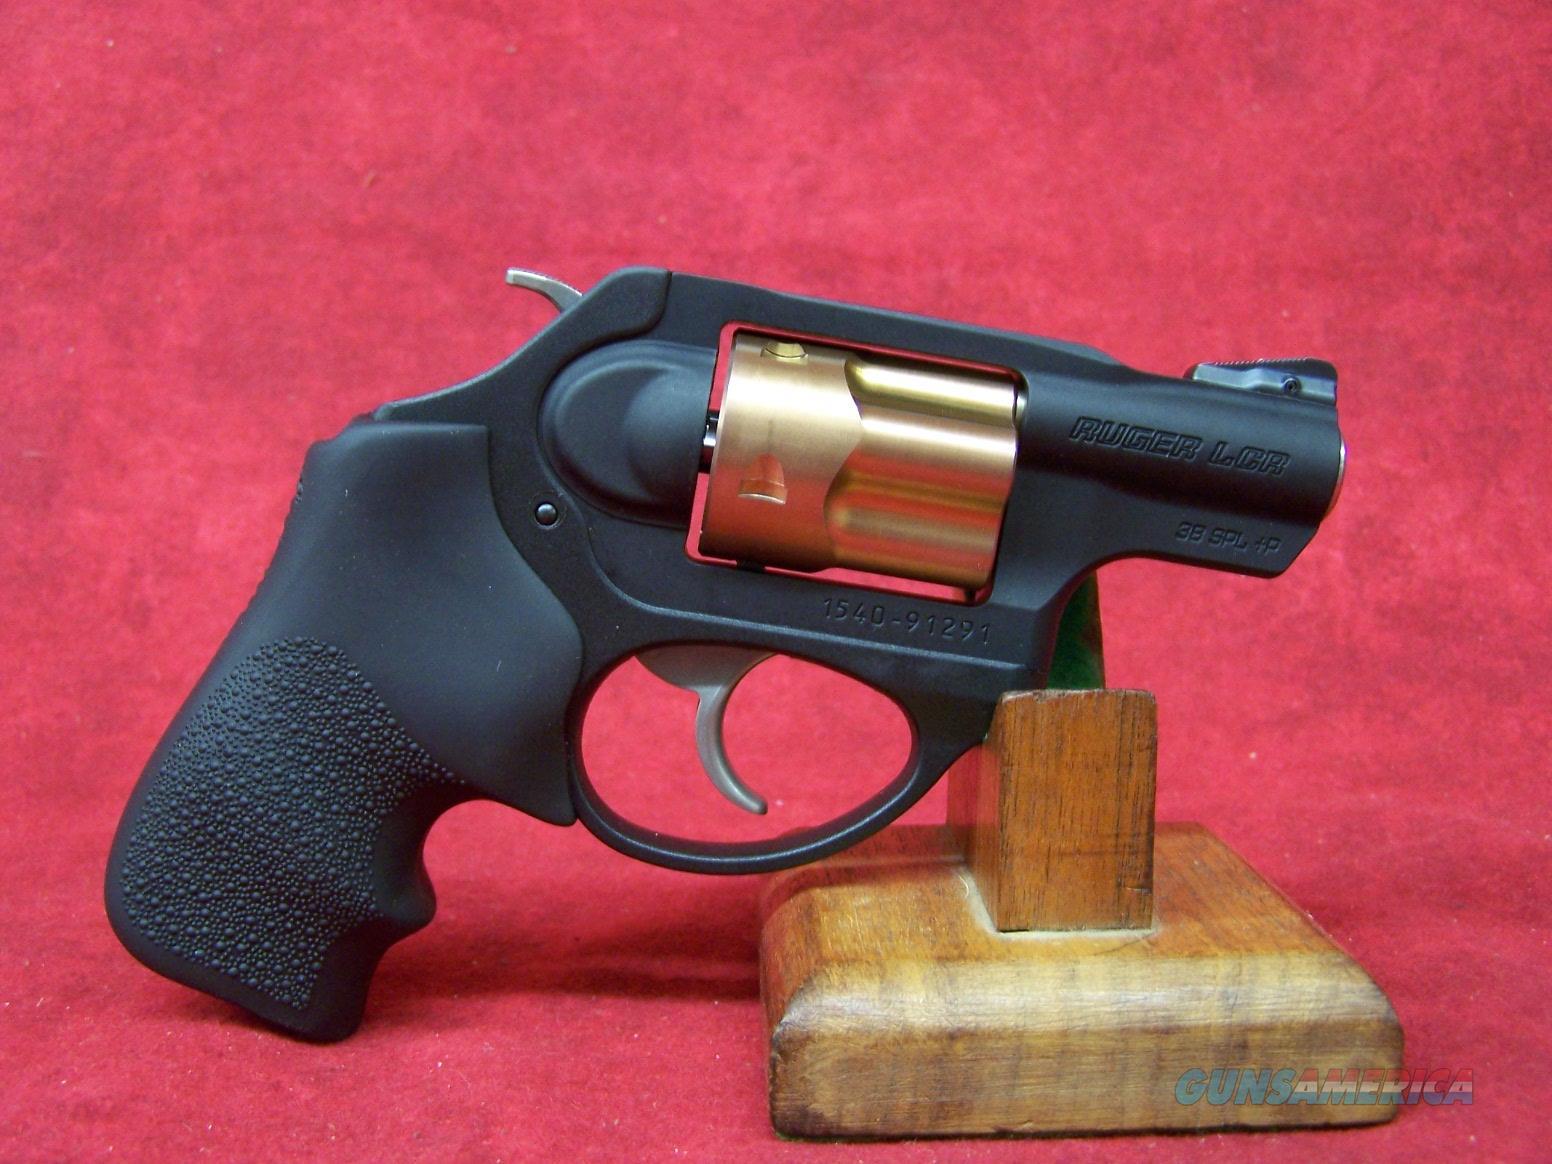 """Ruger LCR .38spl 1.875"""" Barrel 5rnd Copper Mule Cylinder Ruger Promotional Gun (05441)  Guns > Pistols > Ruger Double Action Revolver > LCR"""